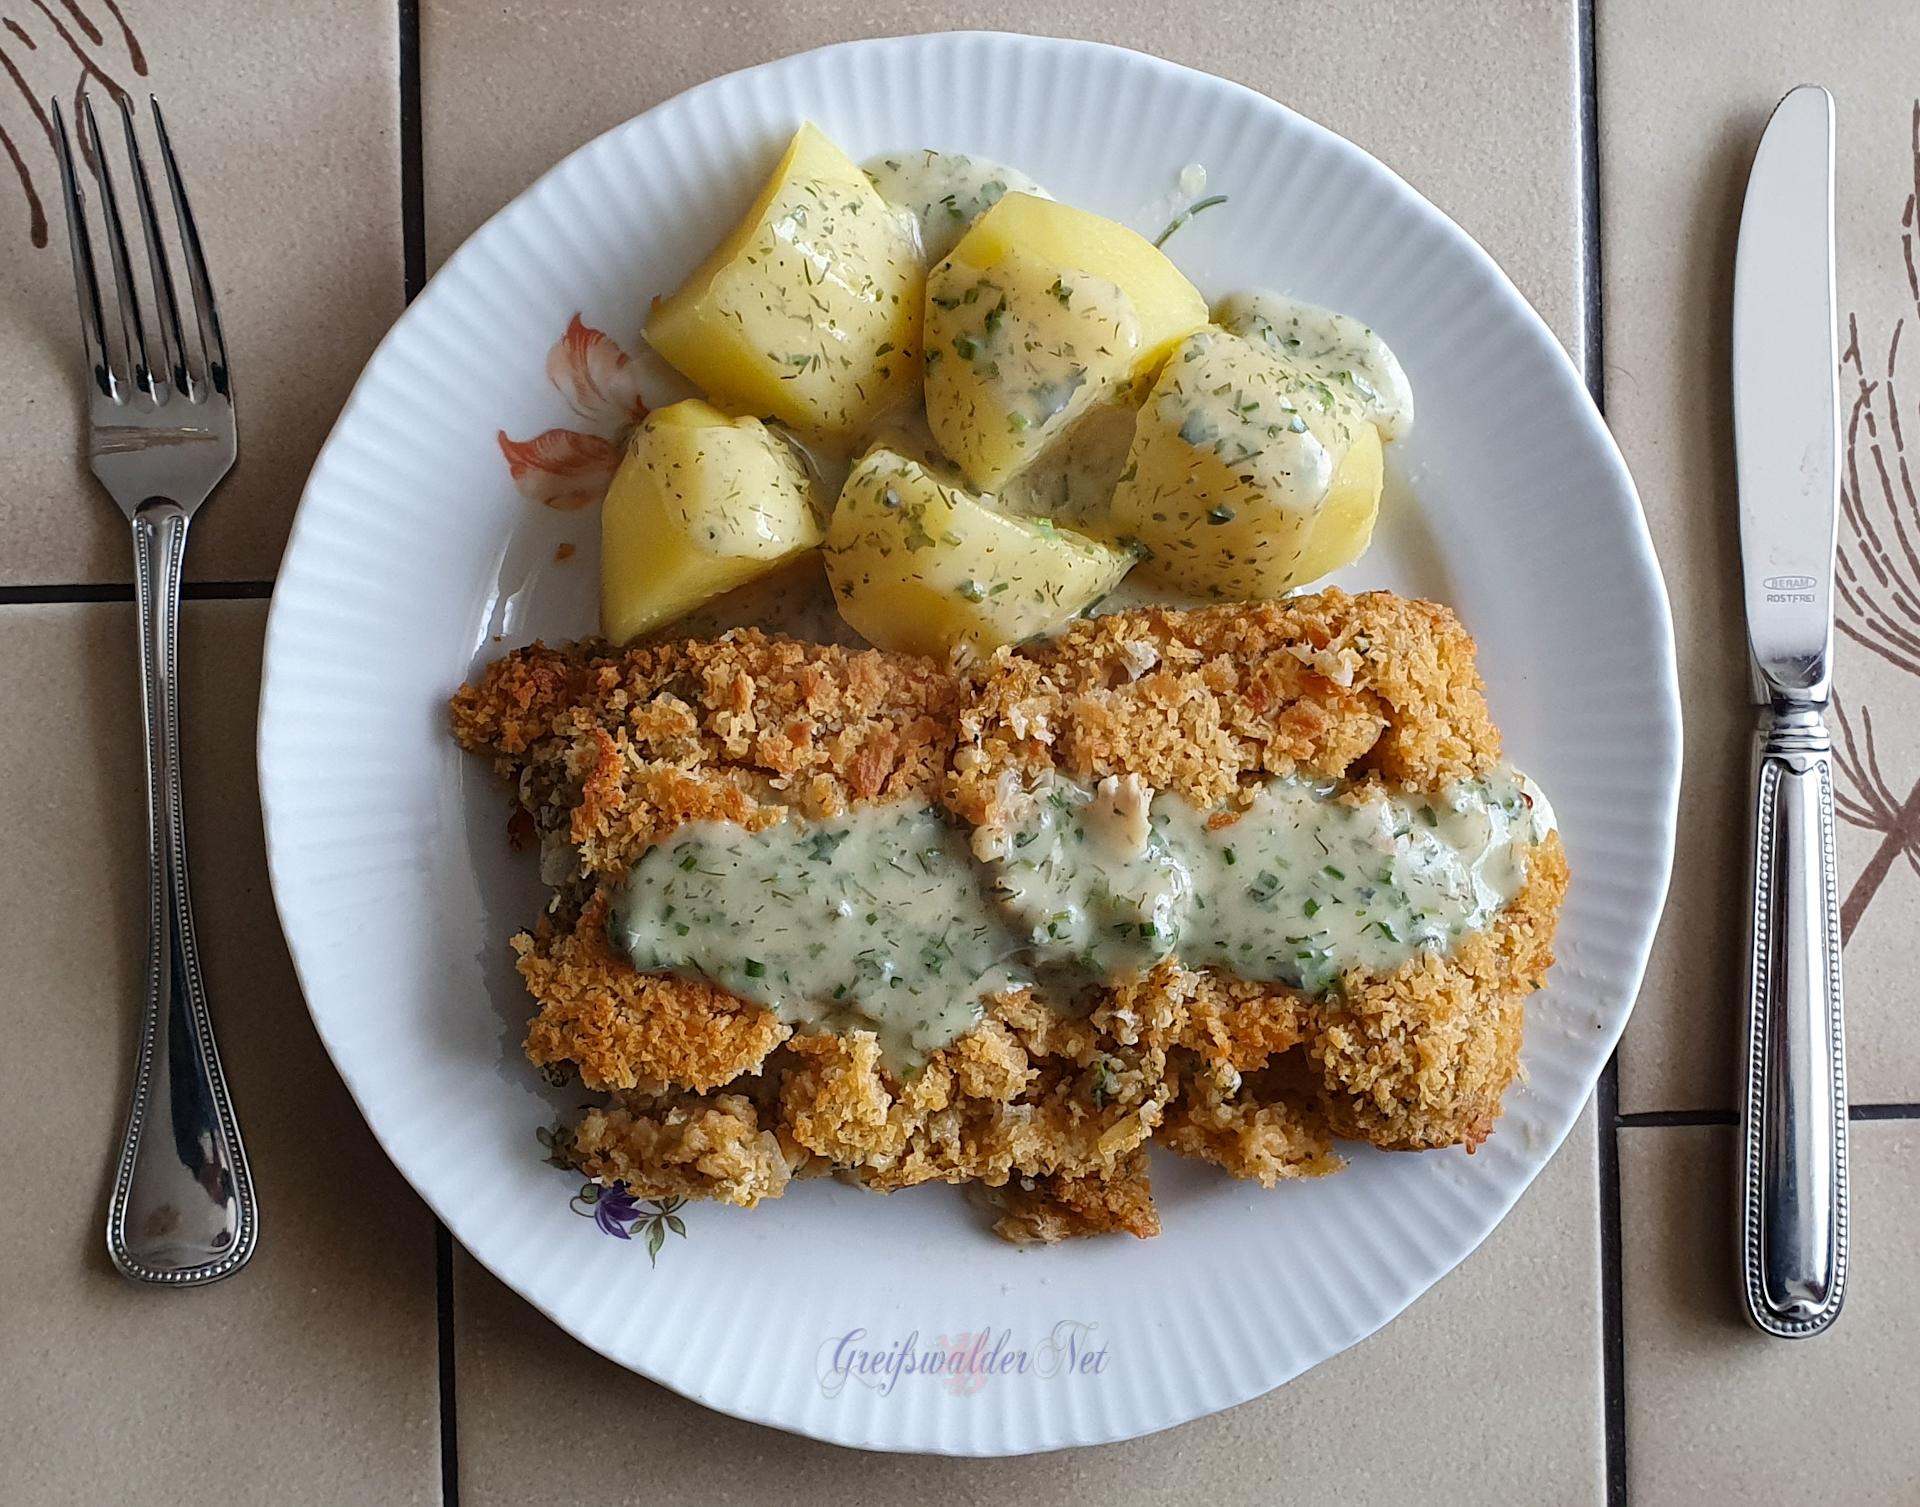 Schlemmerfilet à la Bordelaise mit Petersilienkartoffeln und Frühlingssoße (Blauschimmelkäse, Schnittlauch, Petersilie, Dillspitzen)